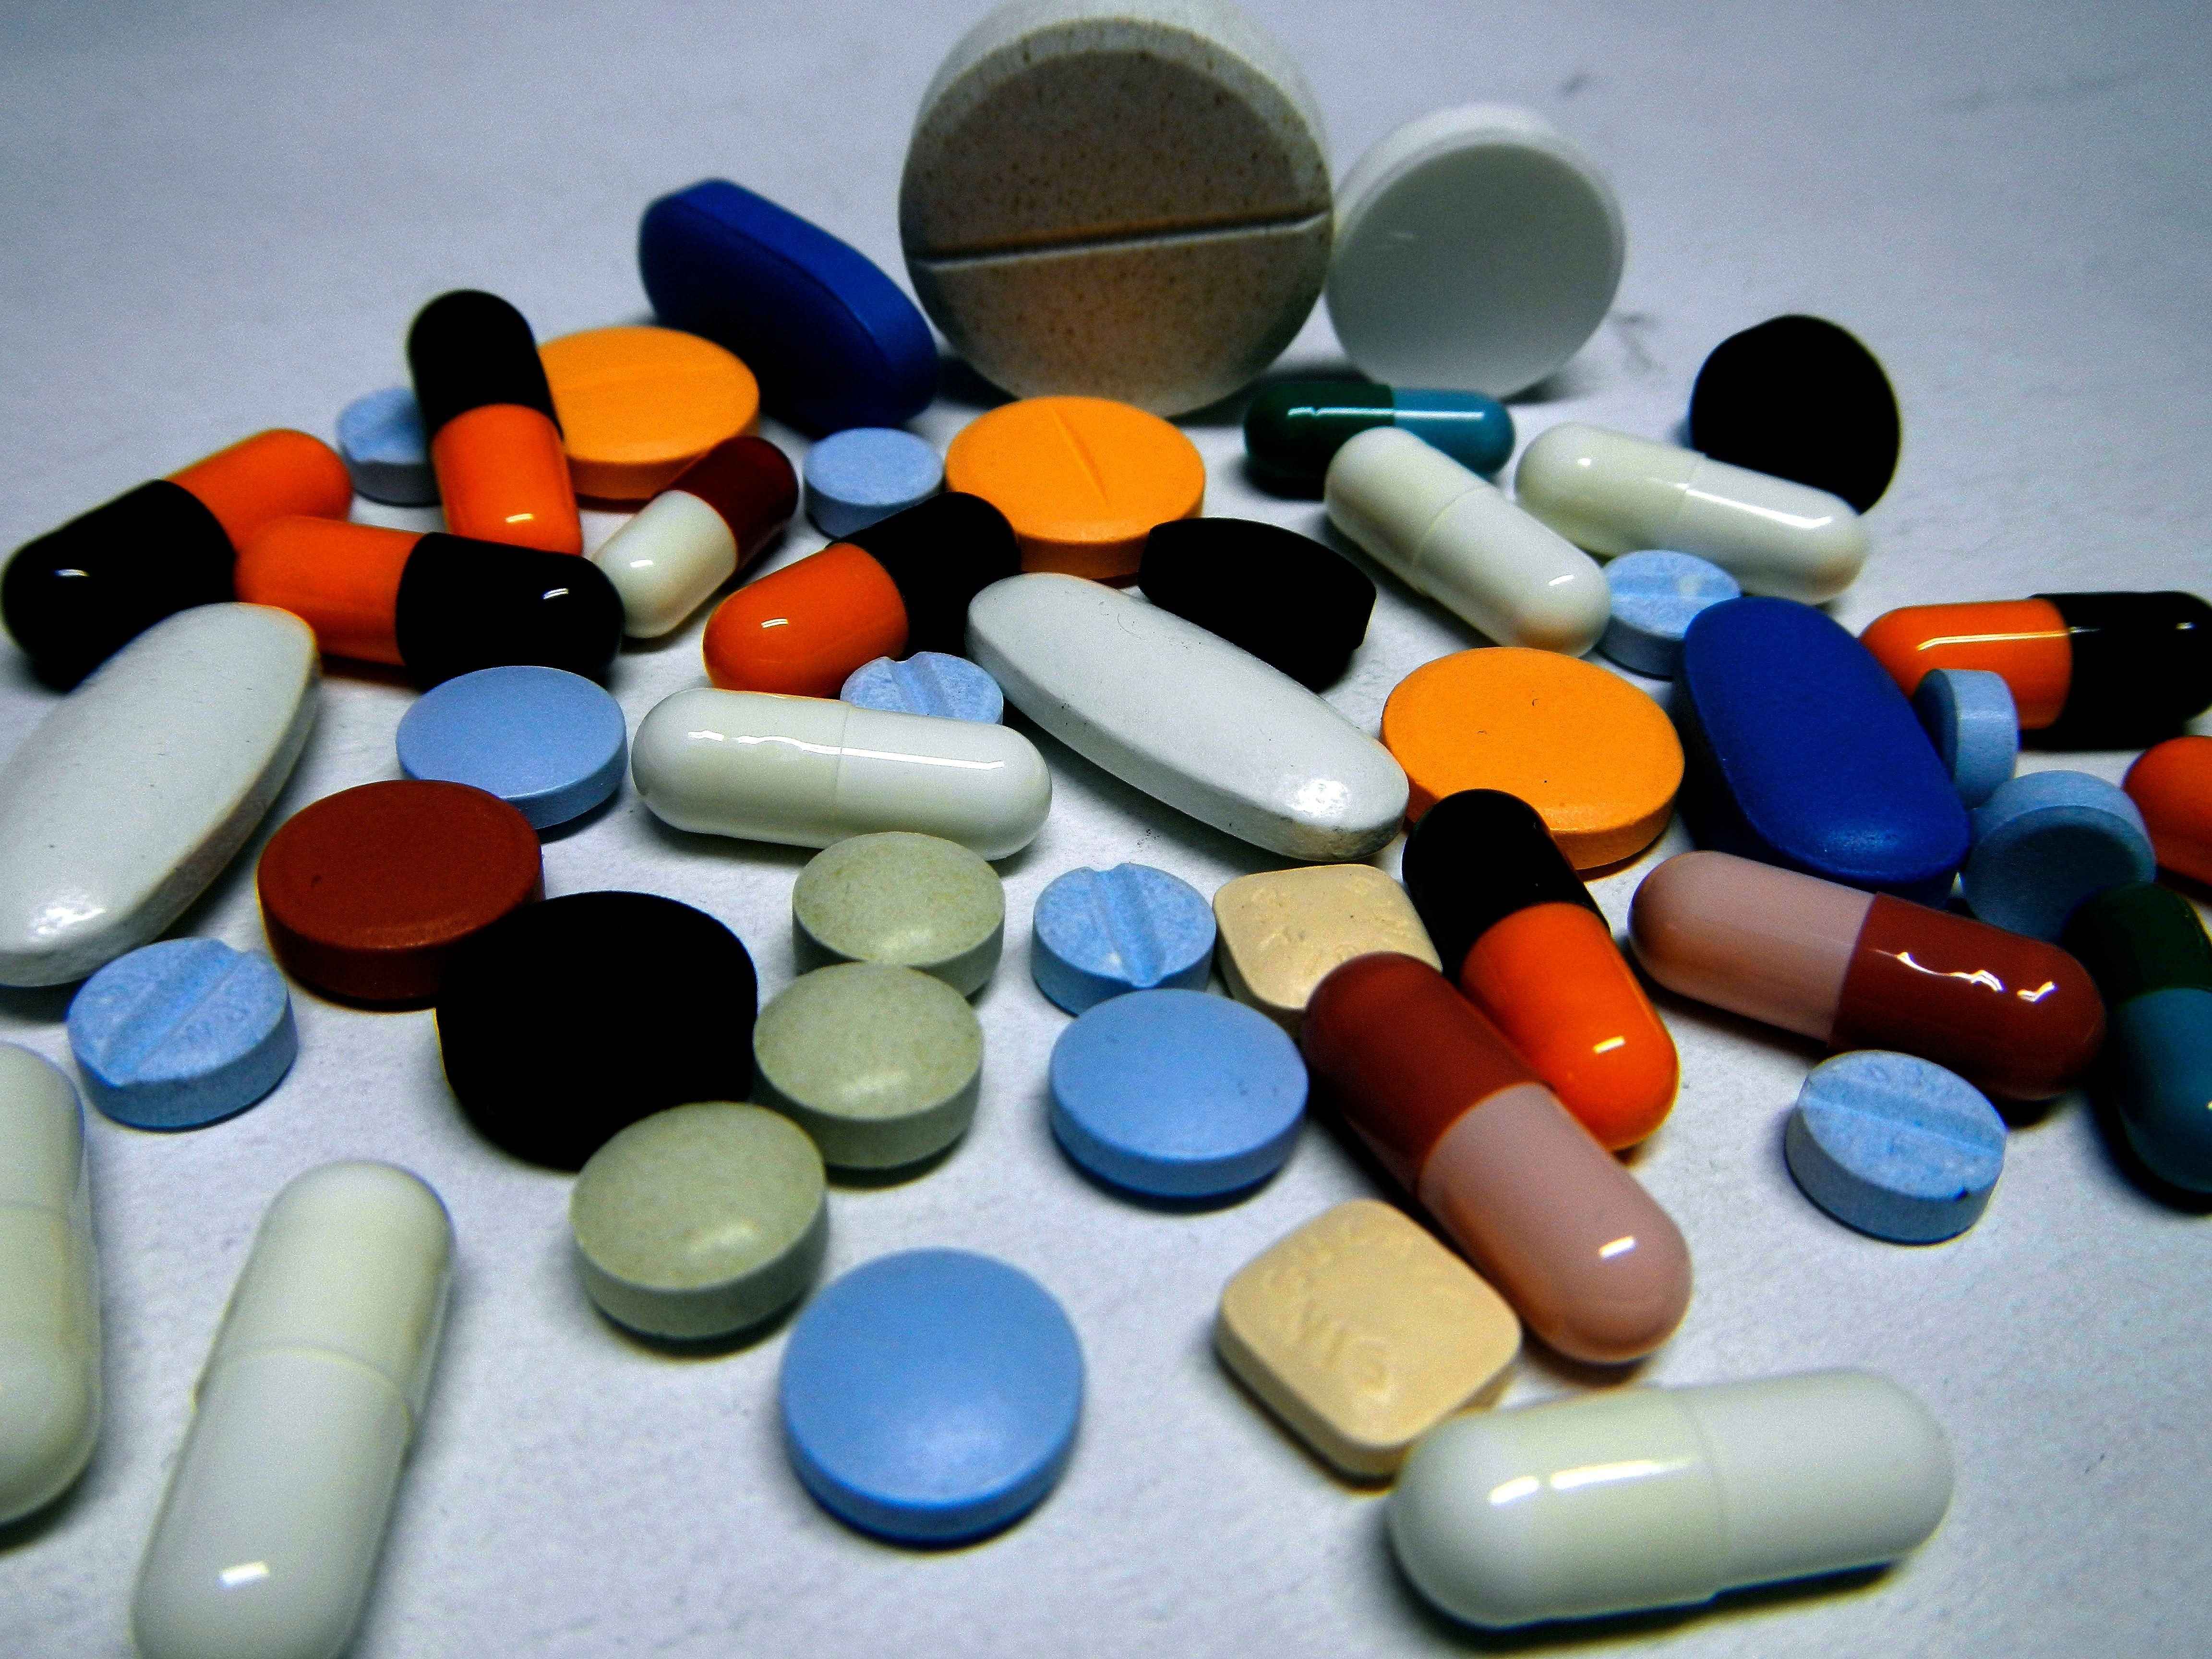 Les 25 médicaments suspendus sont fabriqués en Inde.